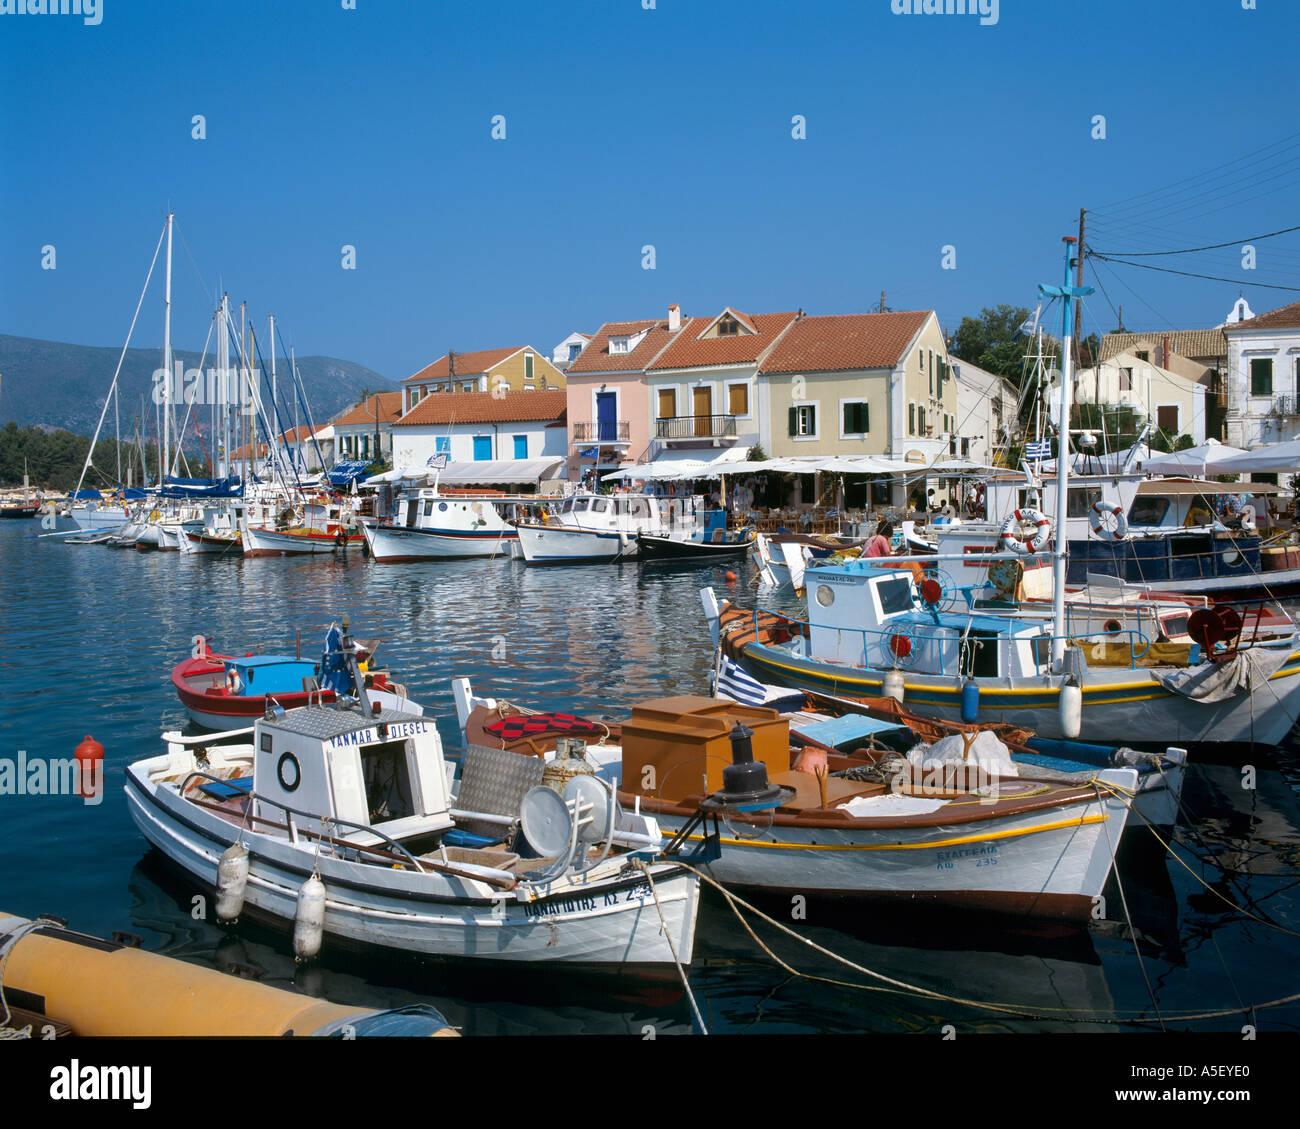 Harbour in Fiskardo, Kefalonia, Ionian Islands, Greece - Stock Image